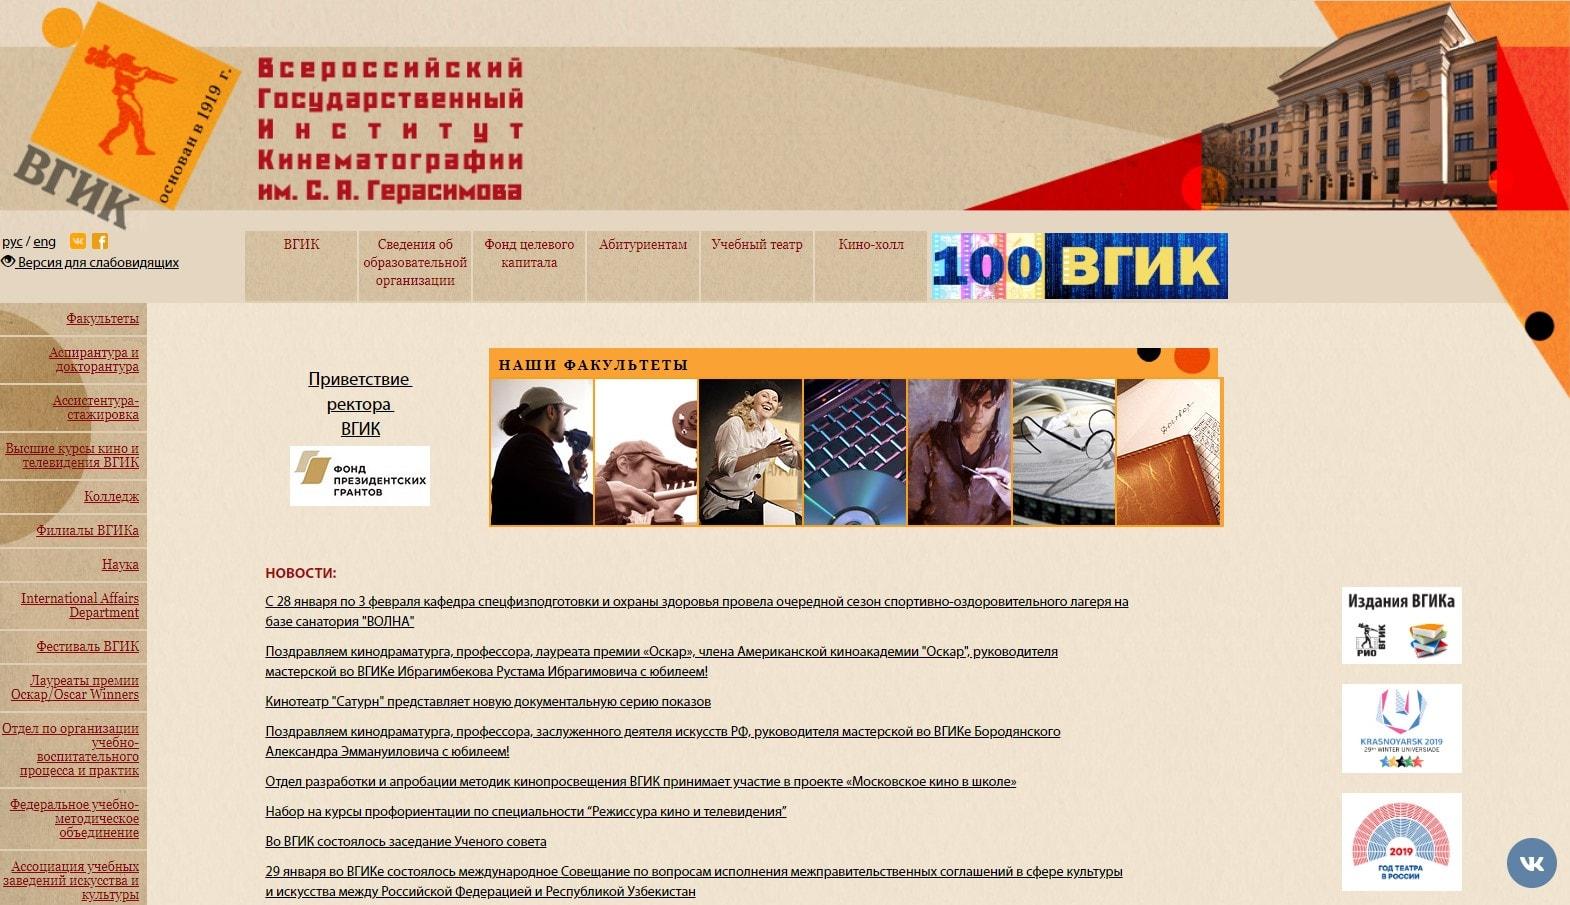 Gerasimov Institute of Cinematography